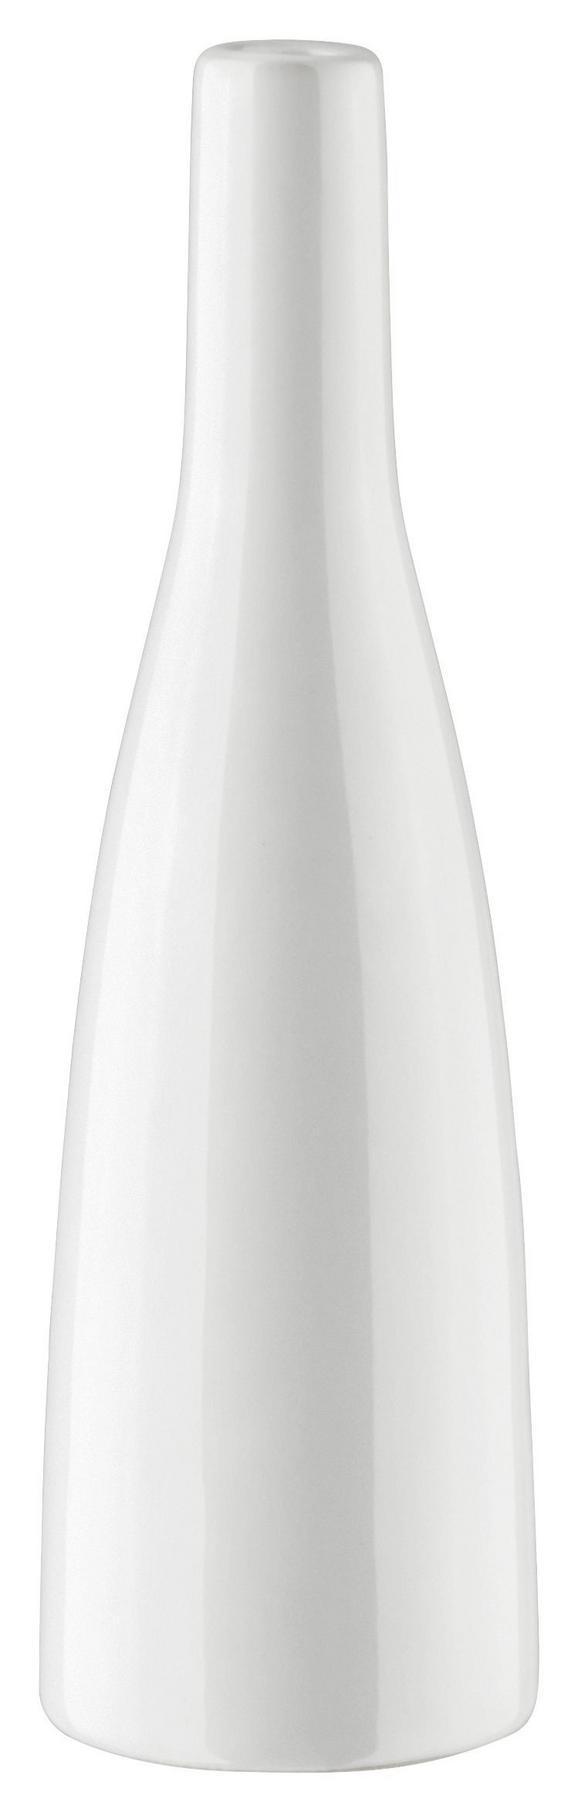 Vase Plancio in Weiß aus Glas - Weiß, MODERN, Keramik (20.5cm) - Mömax modern living